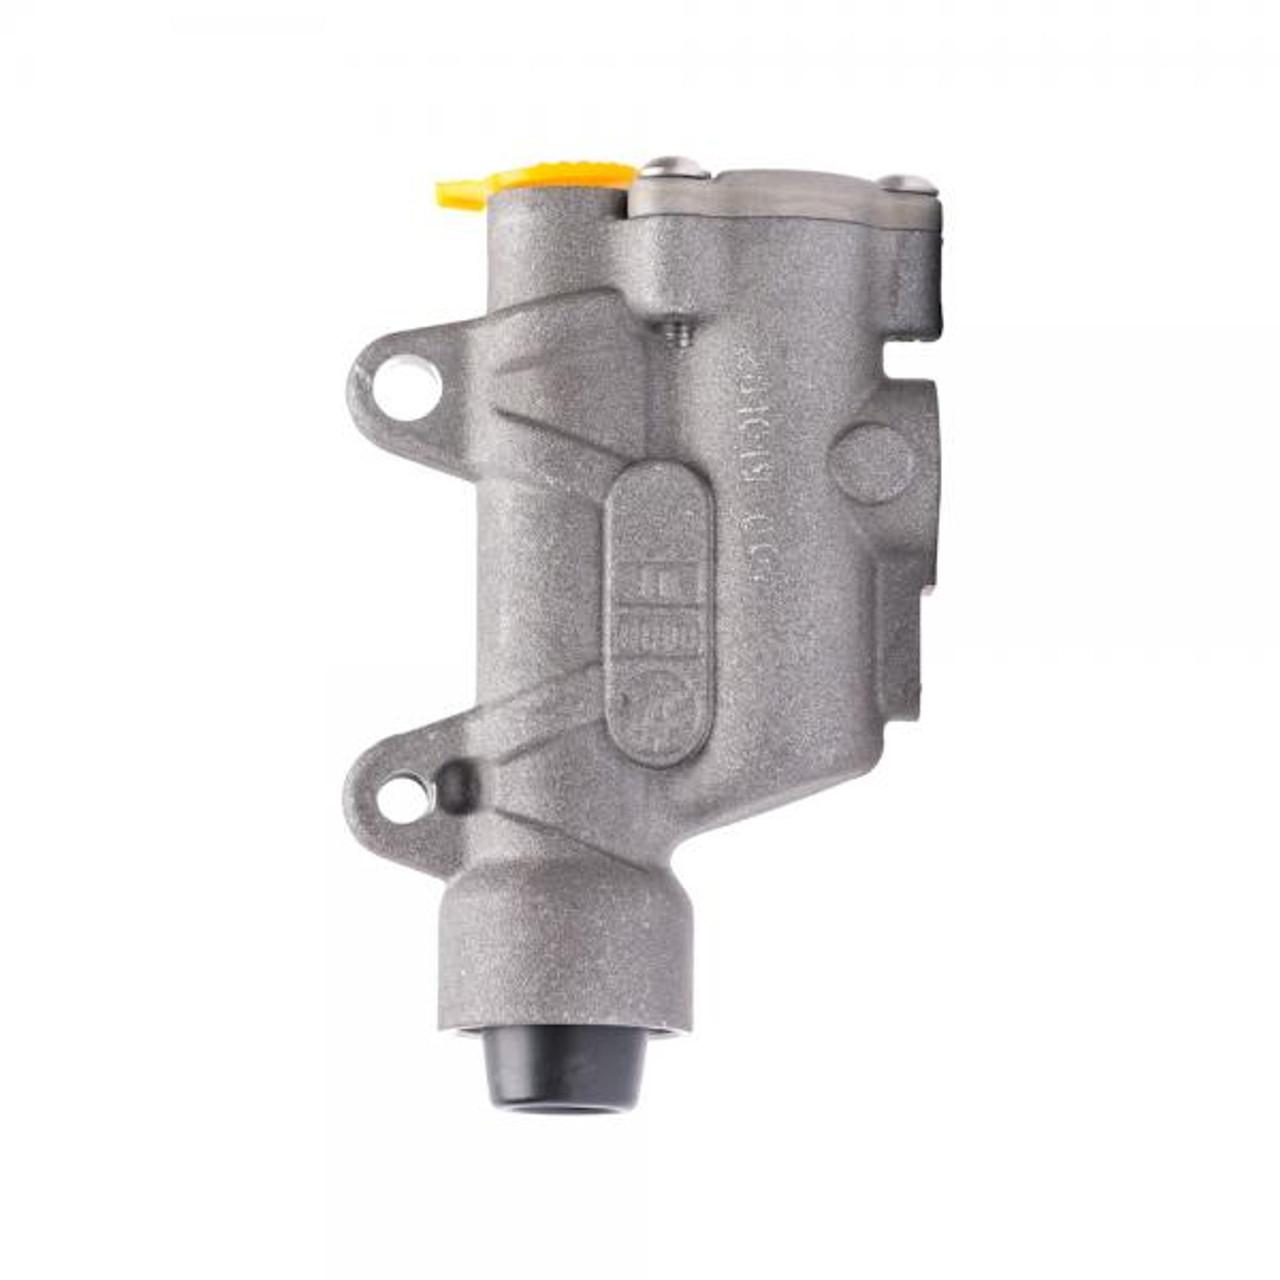 Braktec rear brake master cylinder 461007MO0